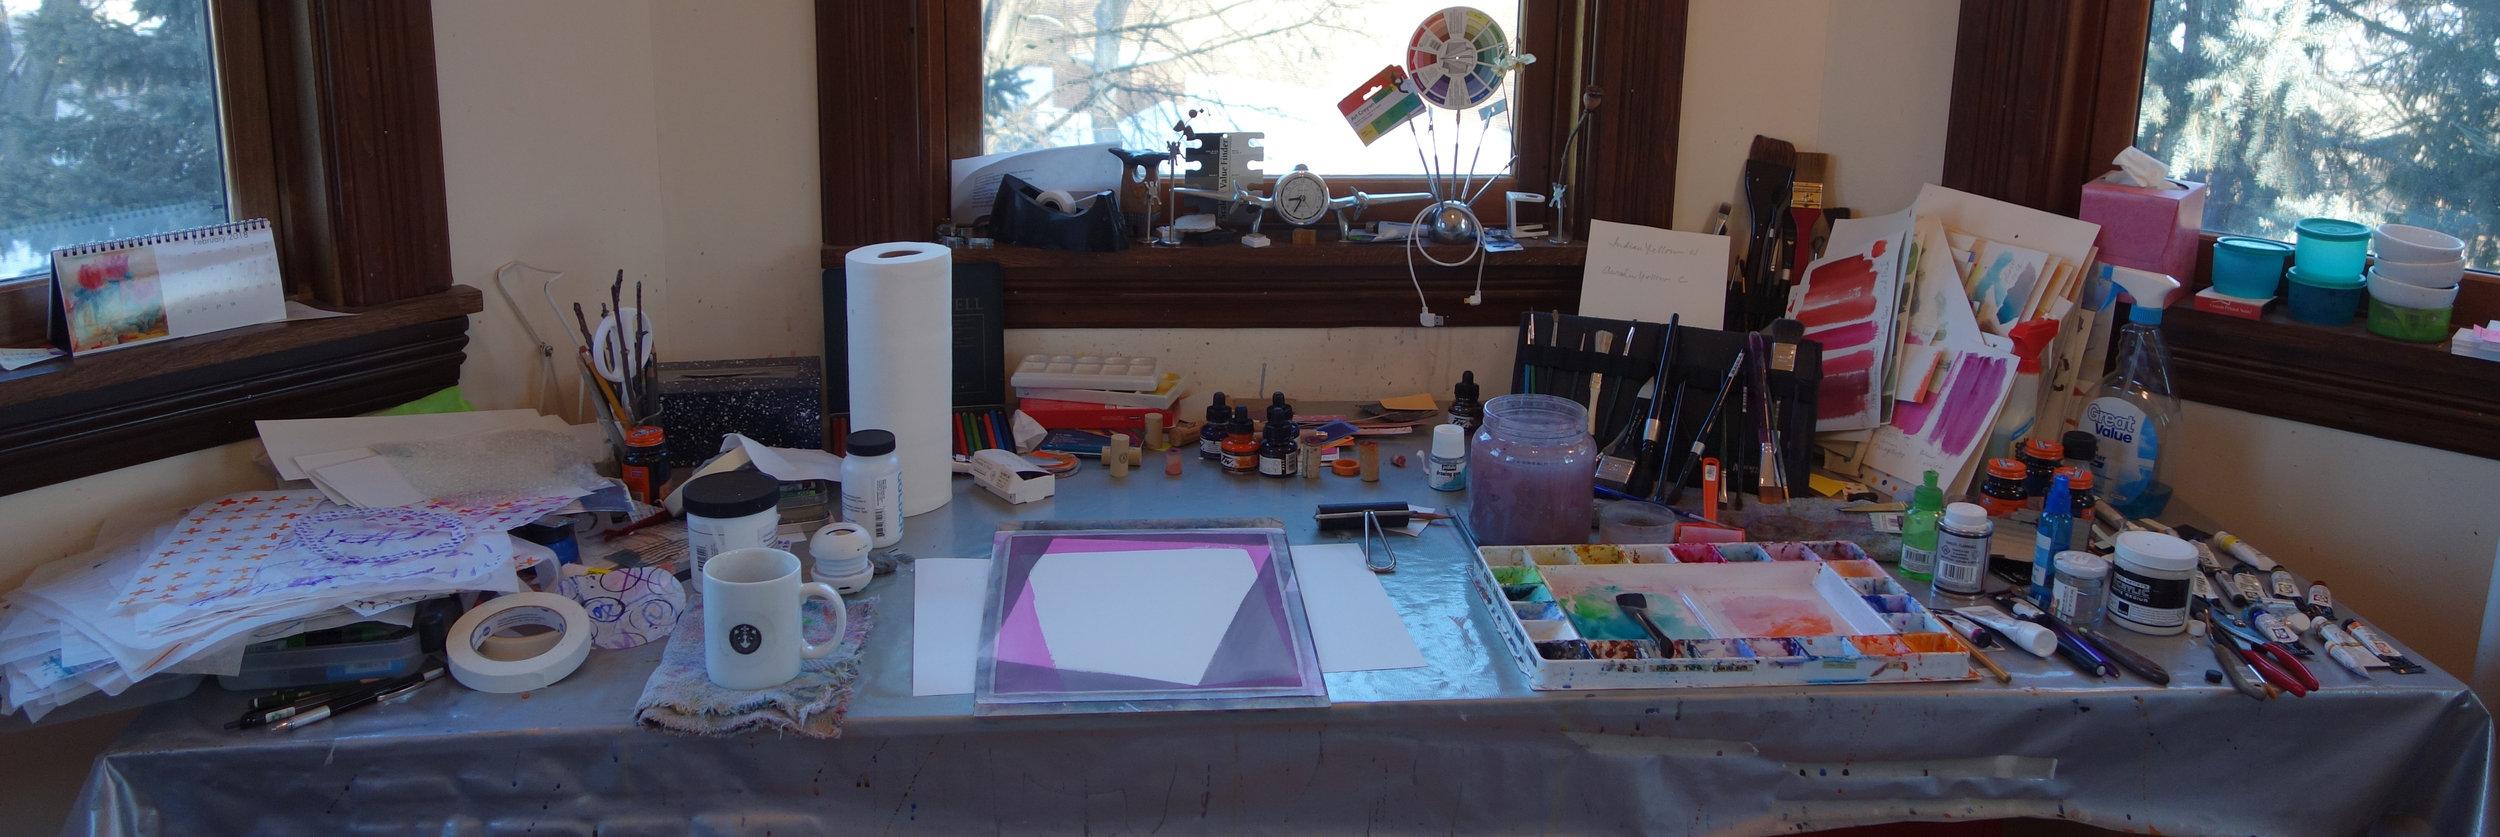 Studio desk 2 2-18.jpg